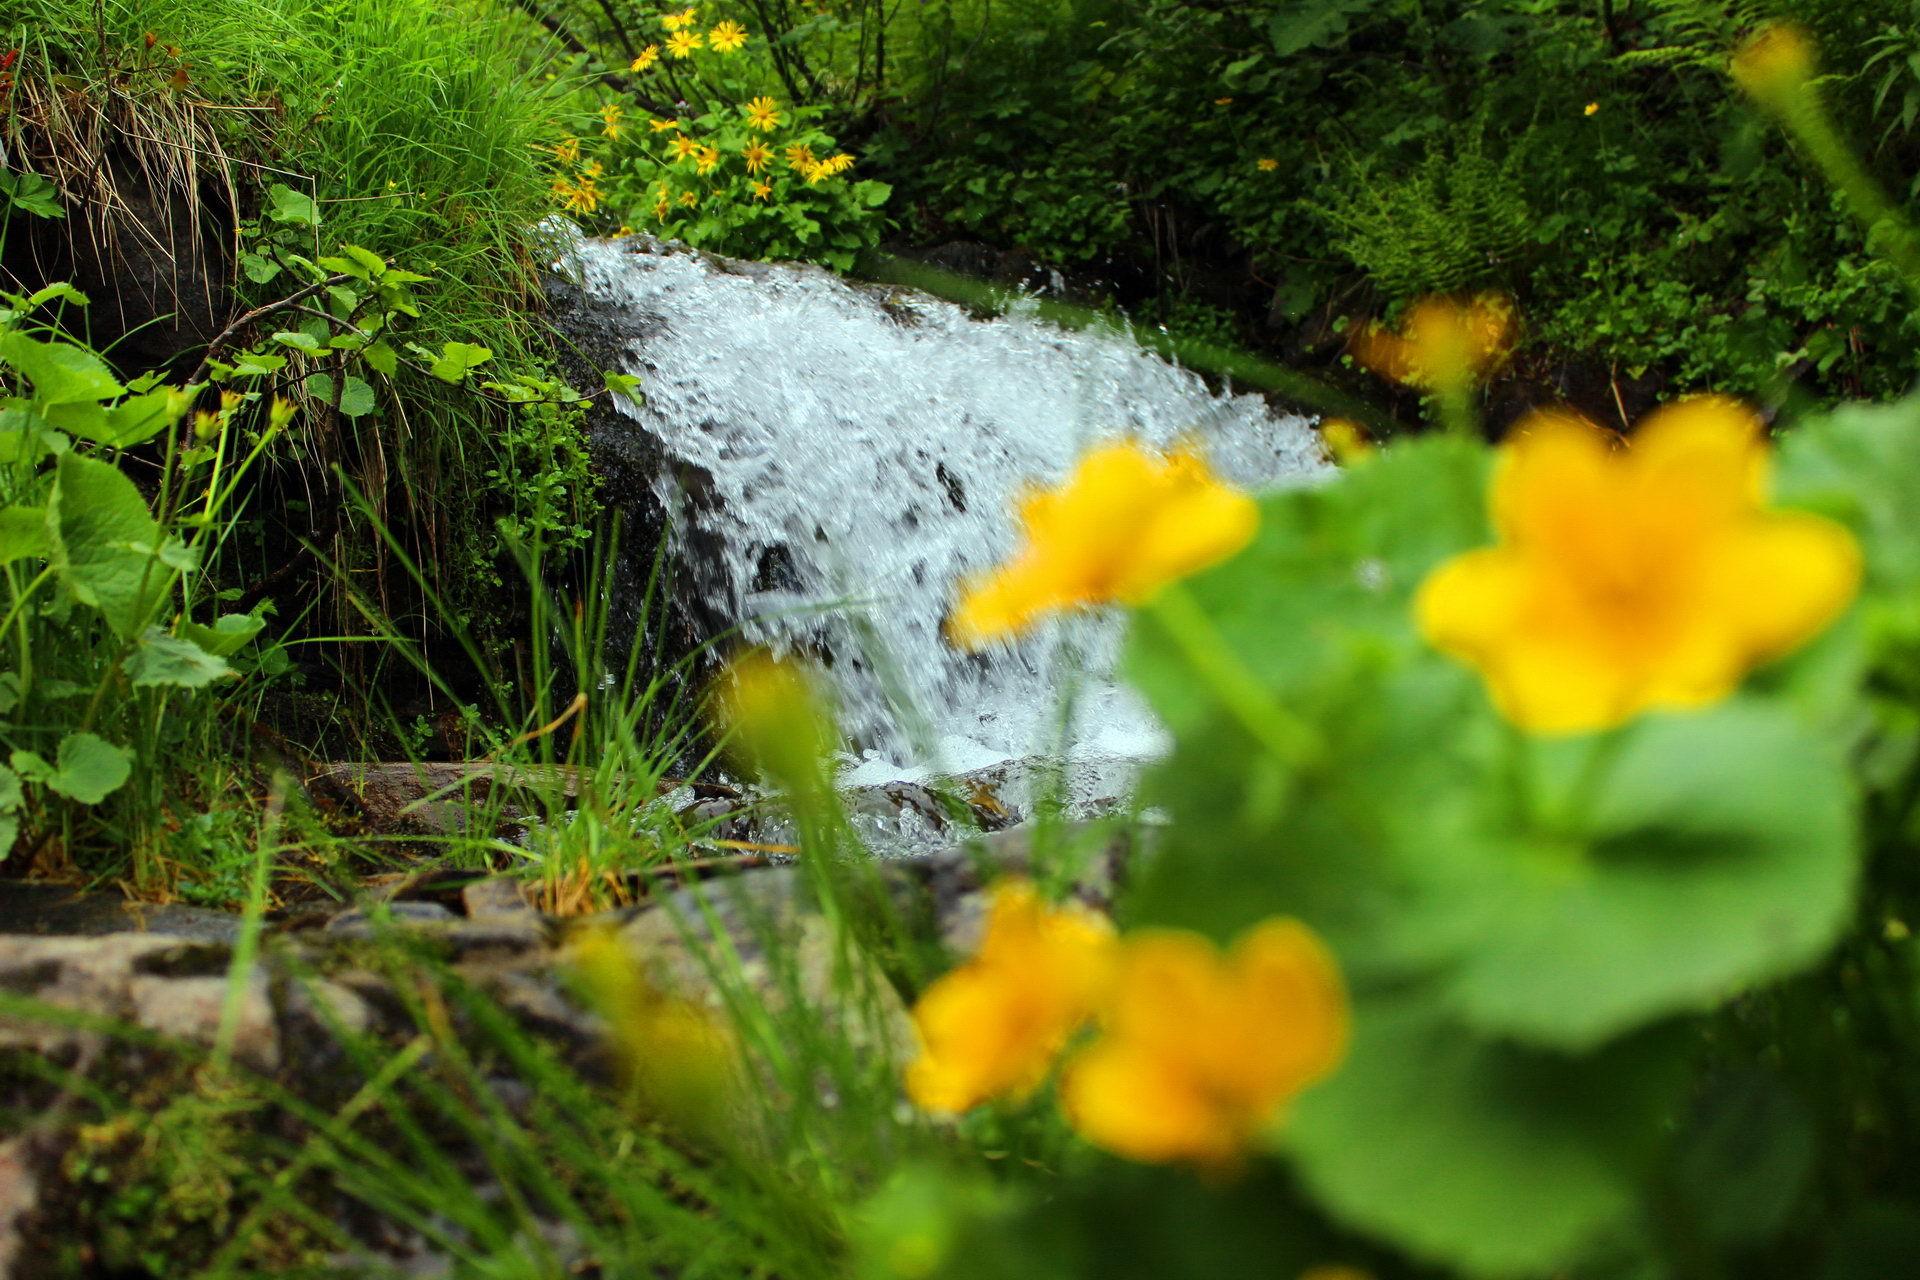 Смотрицькім (Дзембронські) водоспади, маршрут Чорногорою